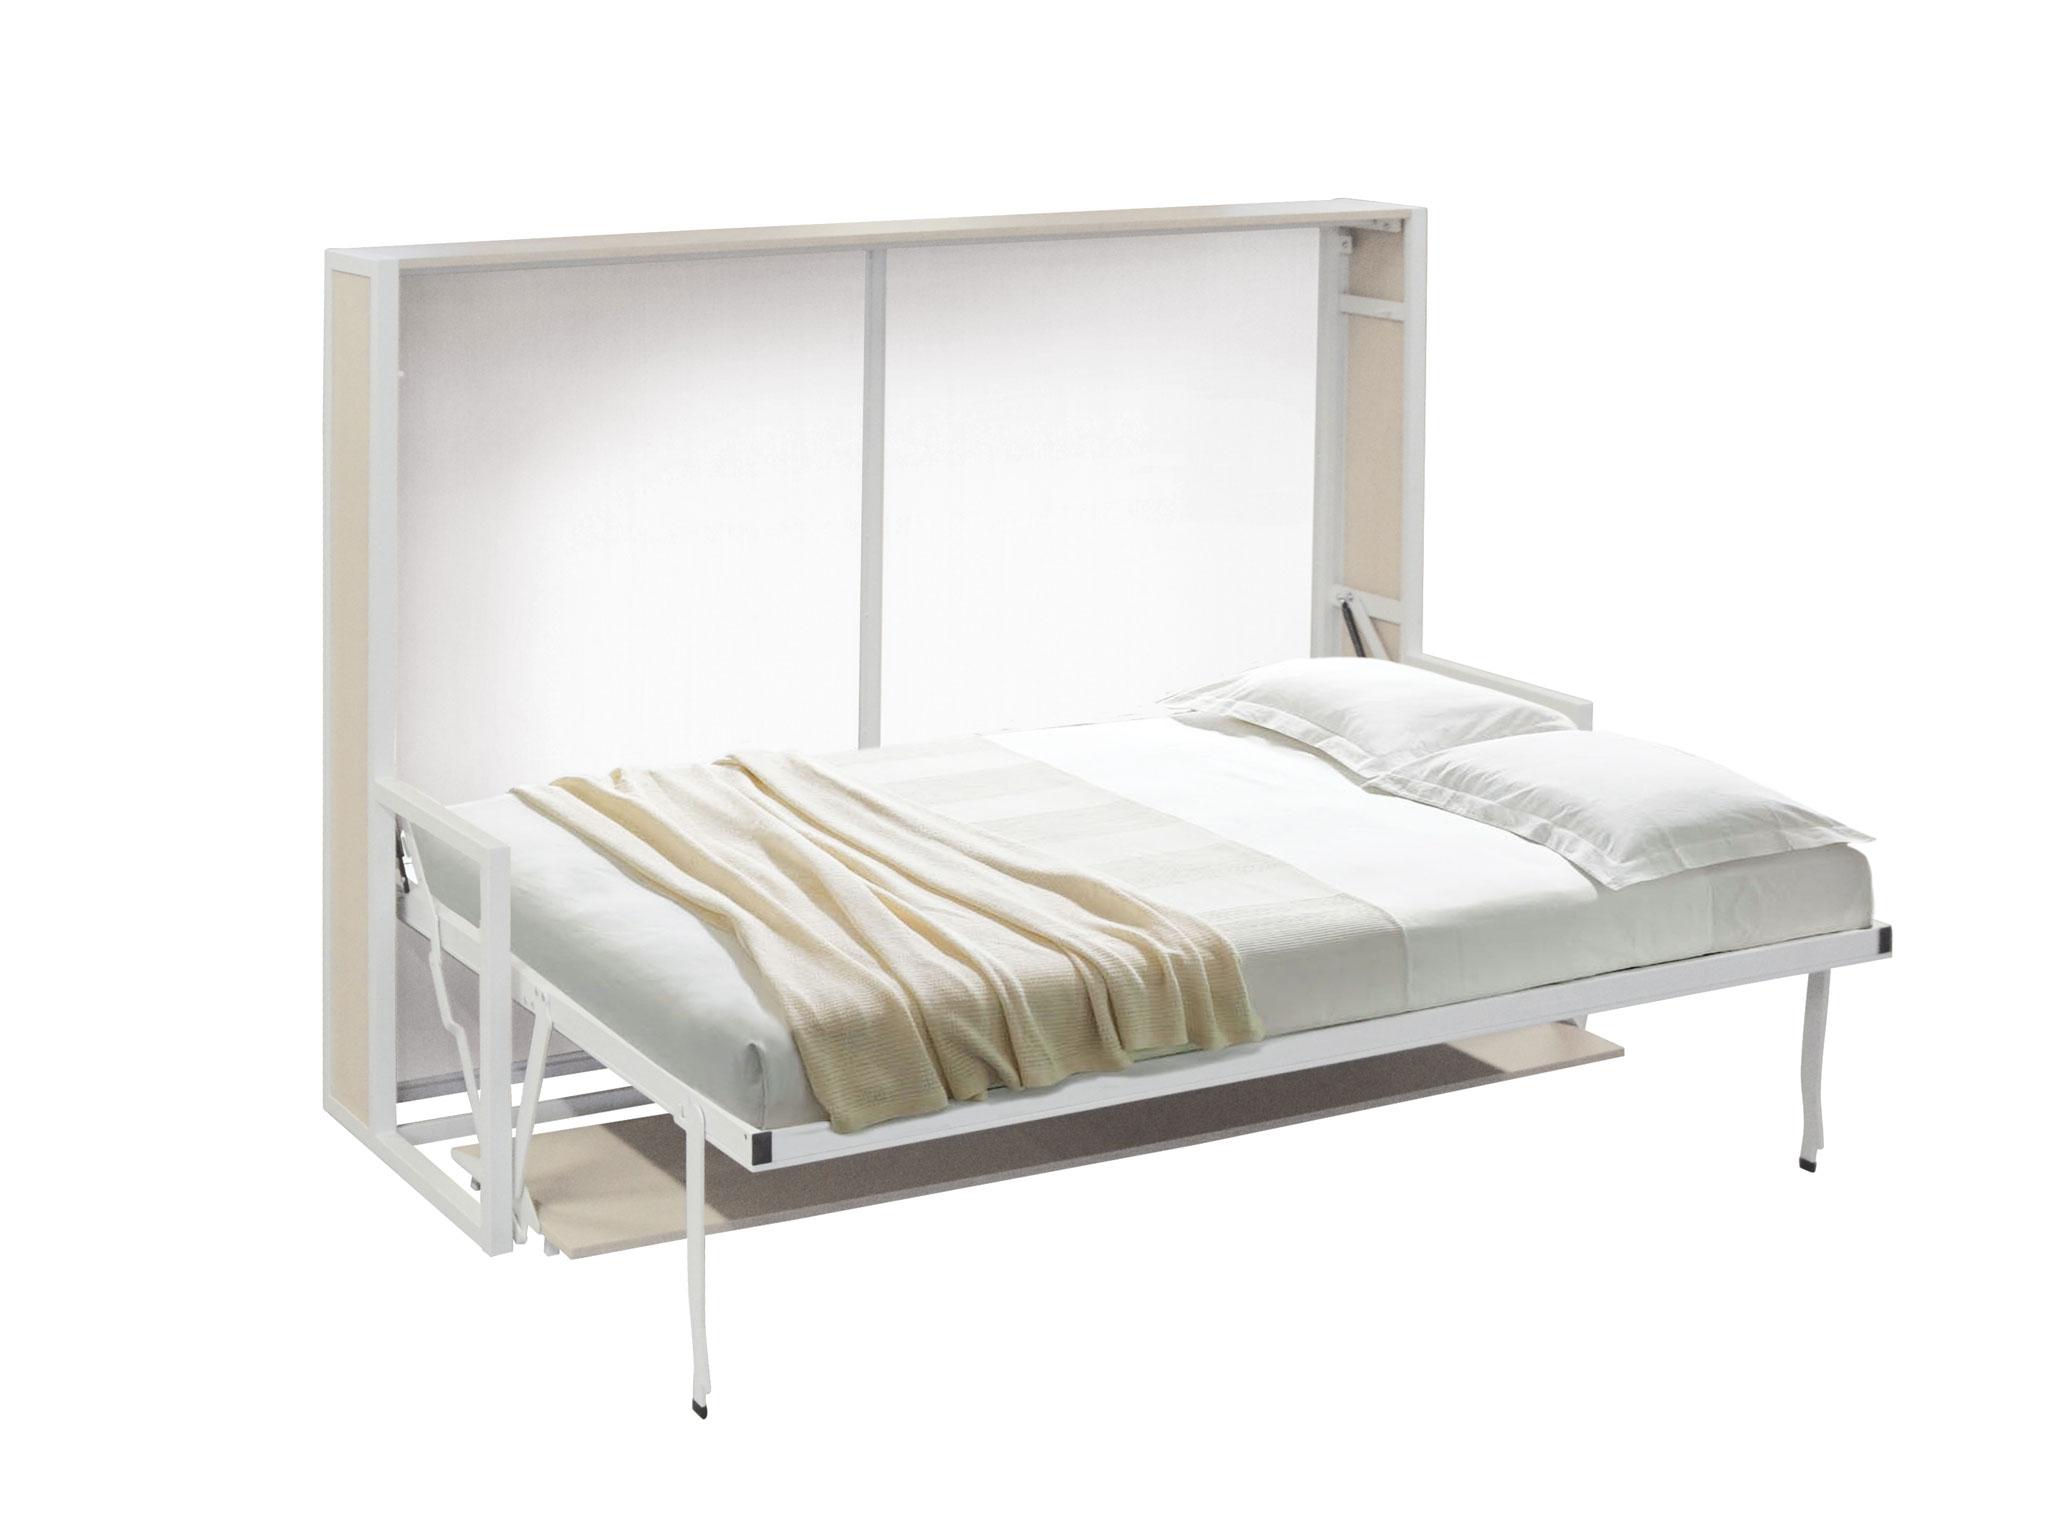 Letto estraibile moderno: letti outlet: camere da letto e letti a ...